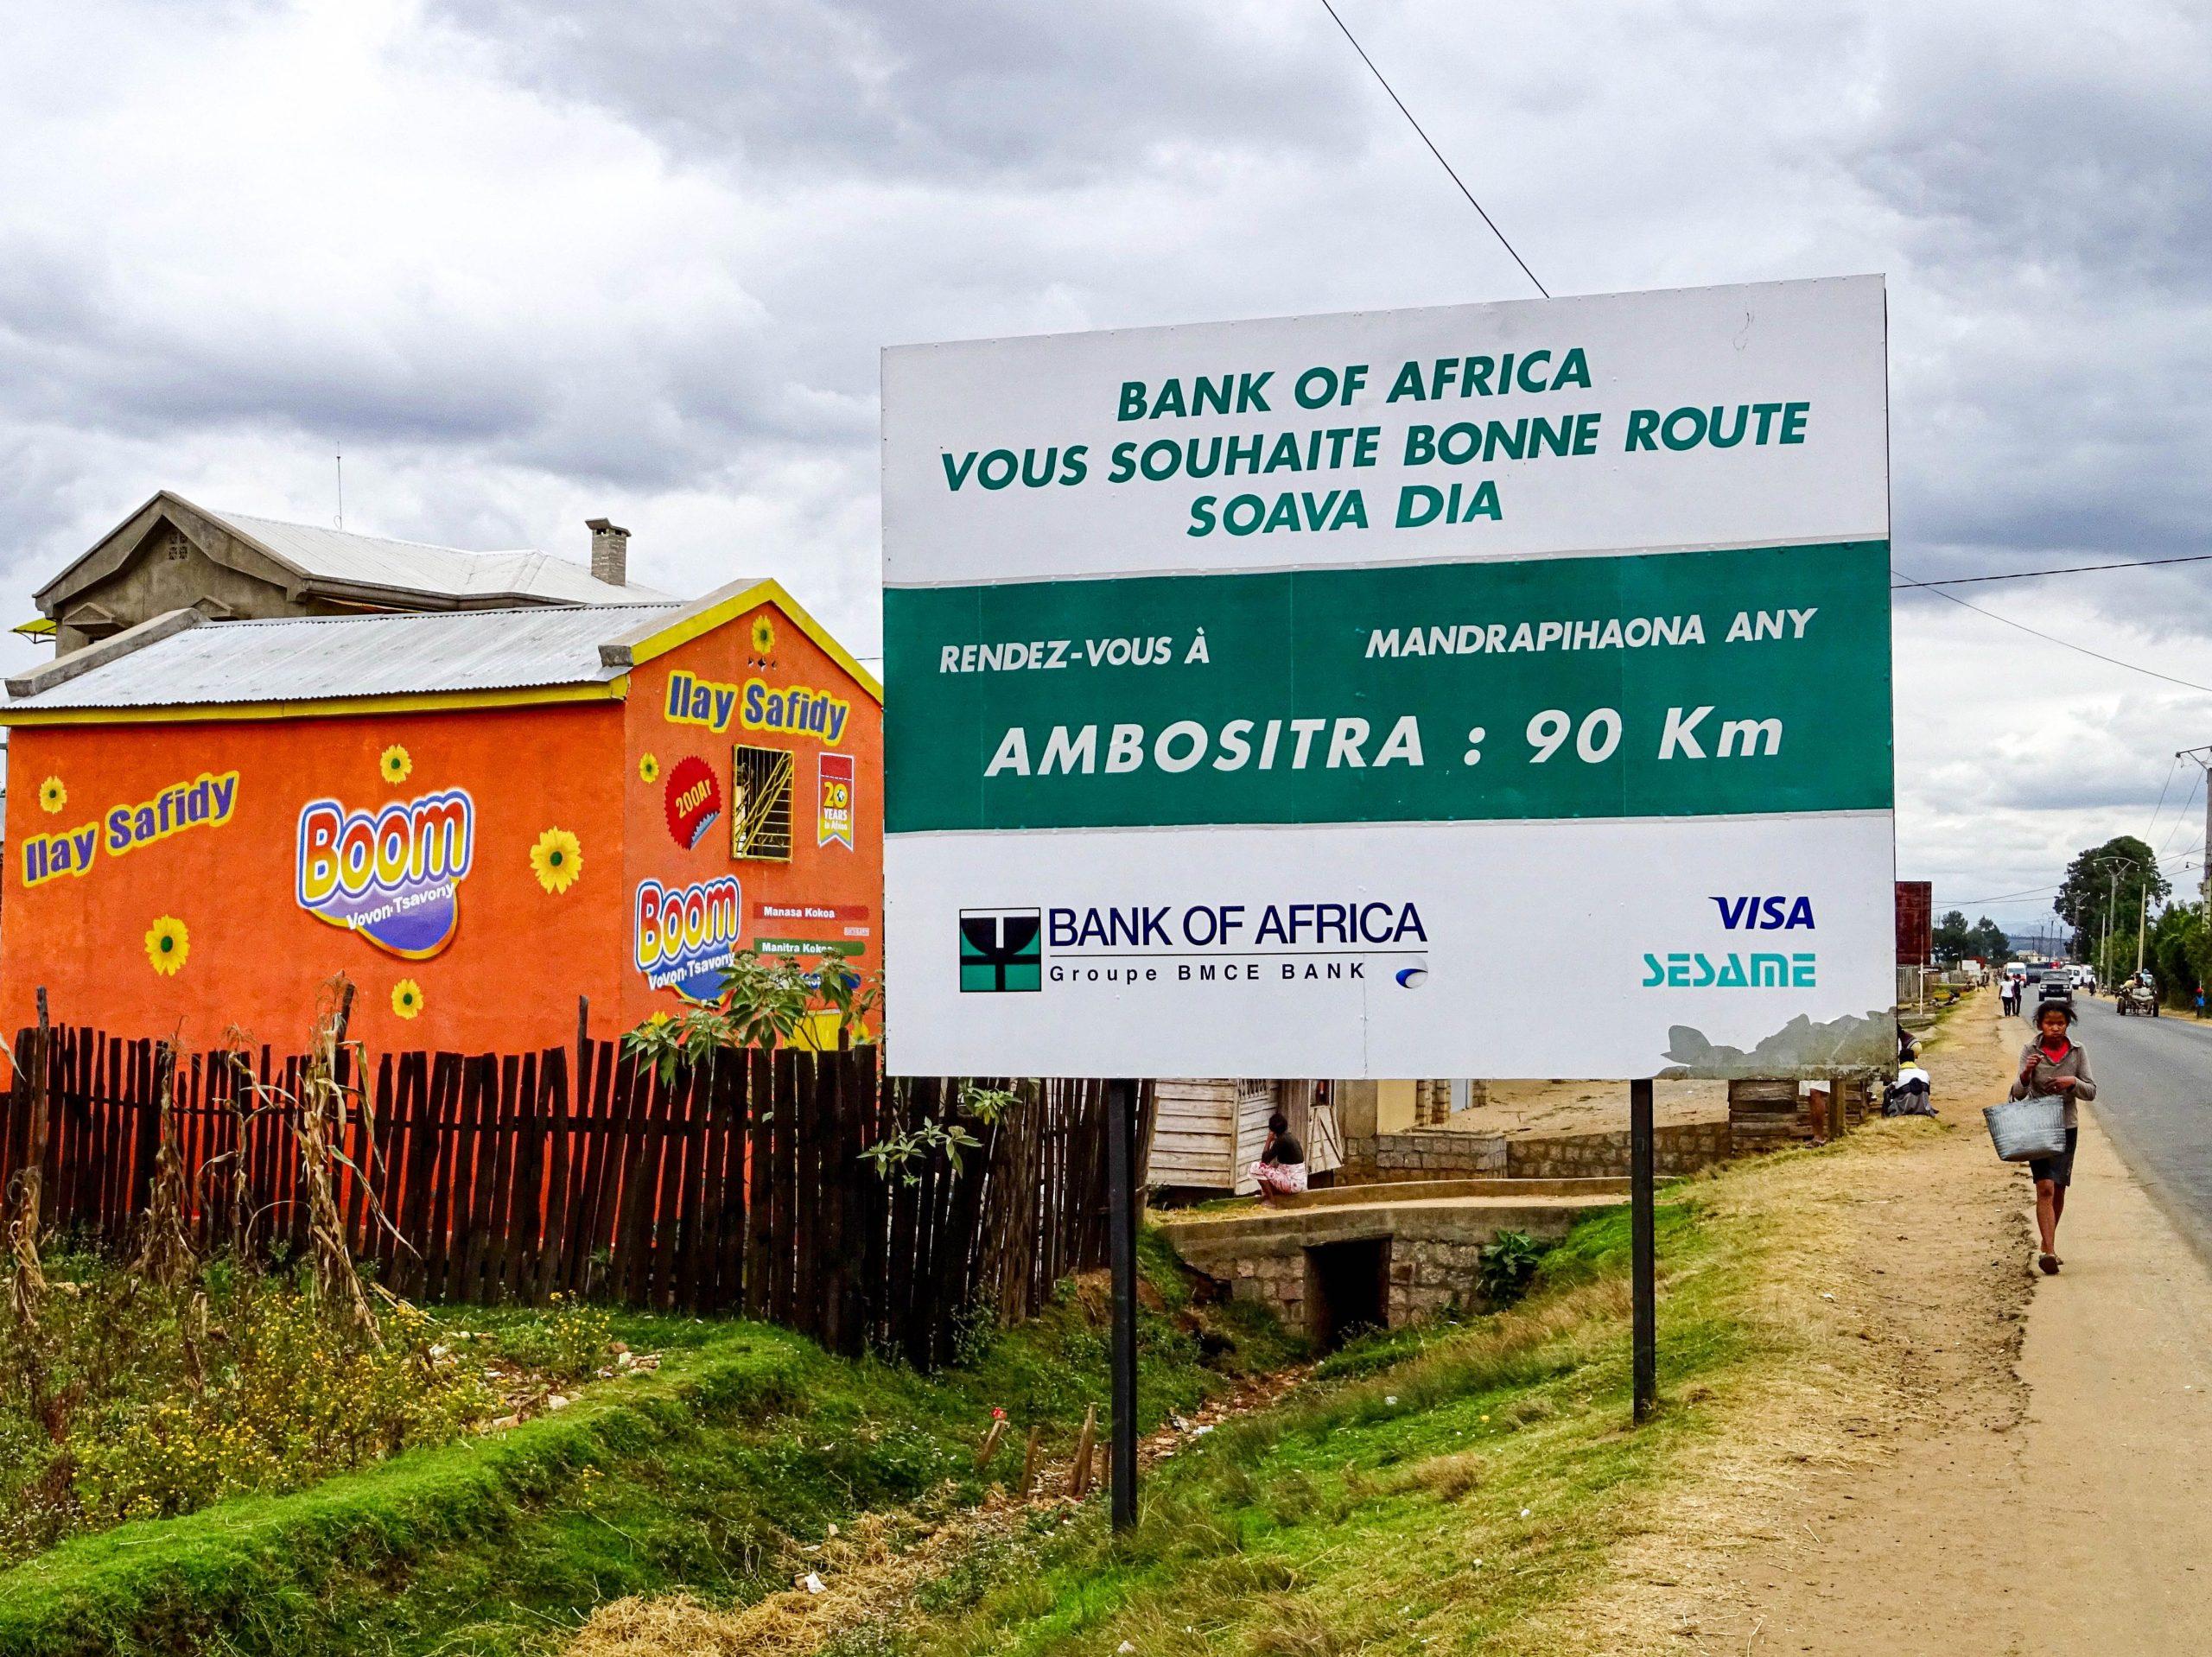 Goede reis gewenst door Bank of Africa naar Ambositra